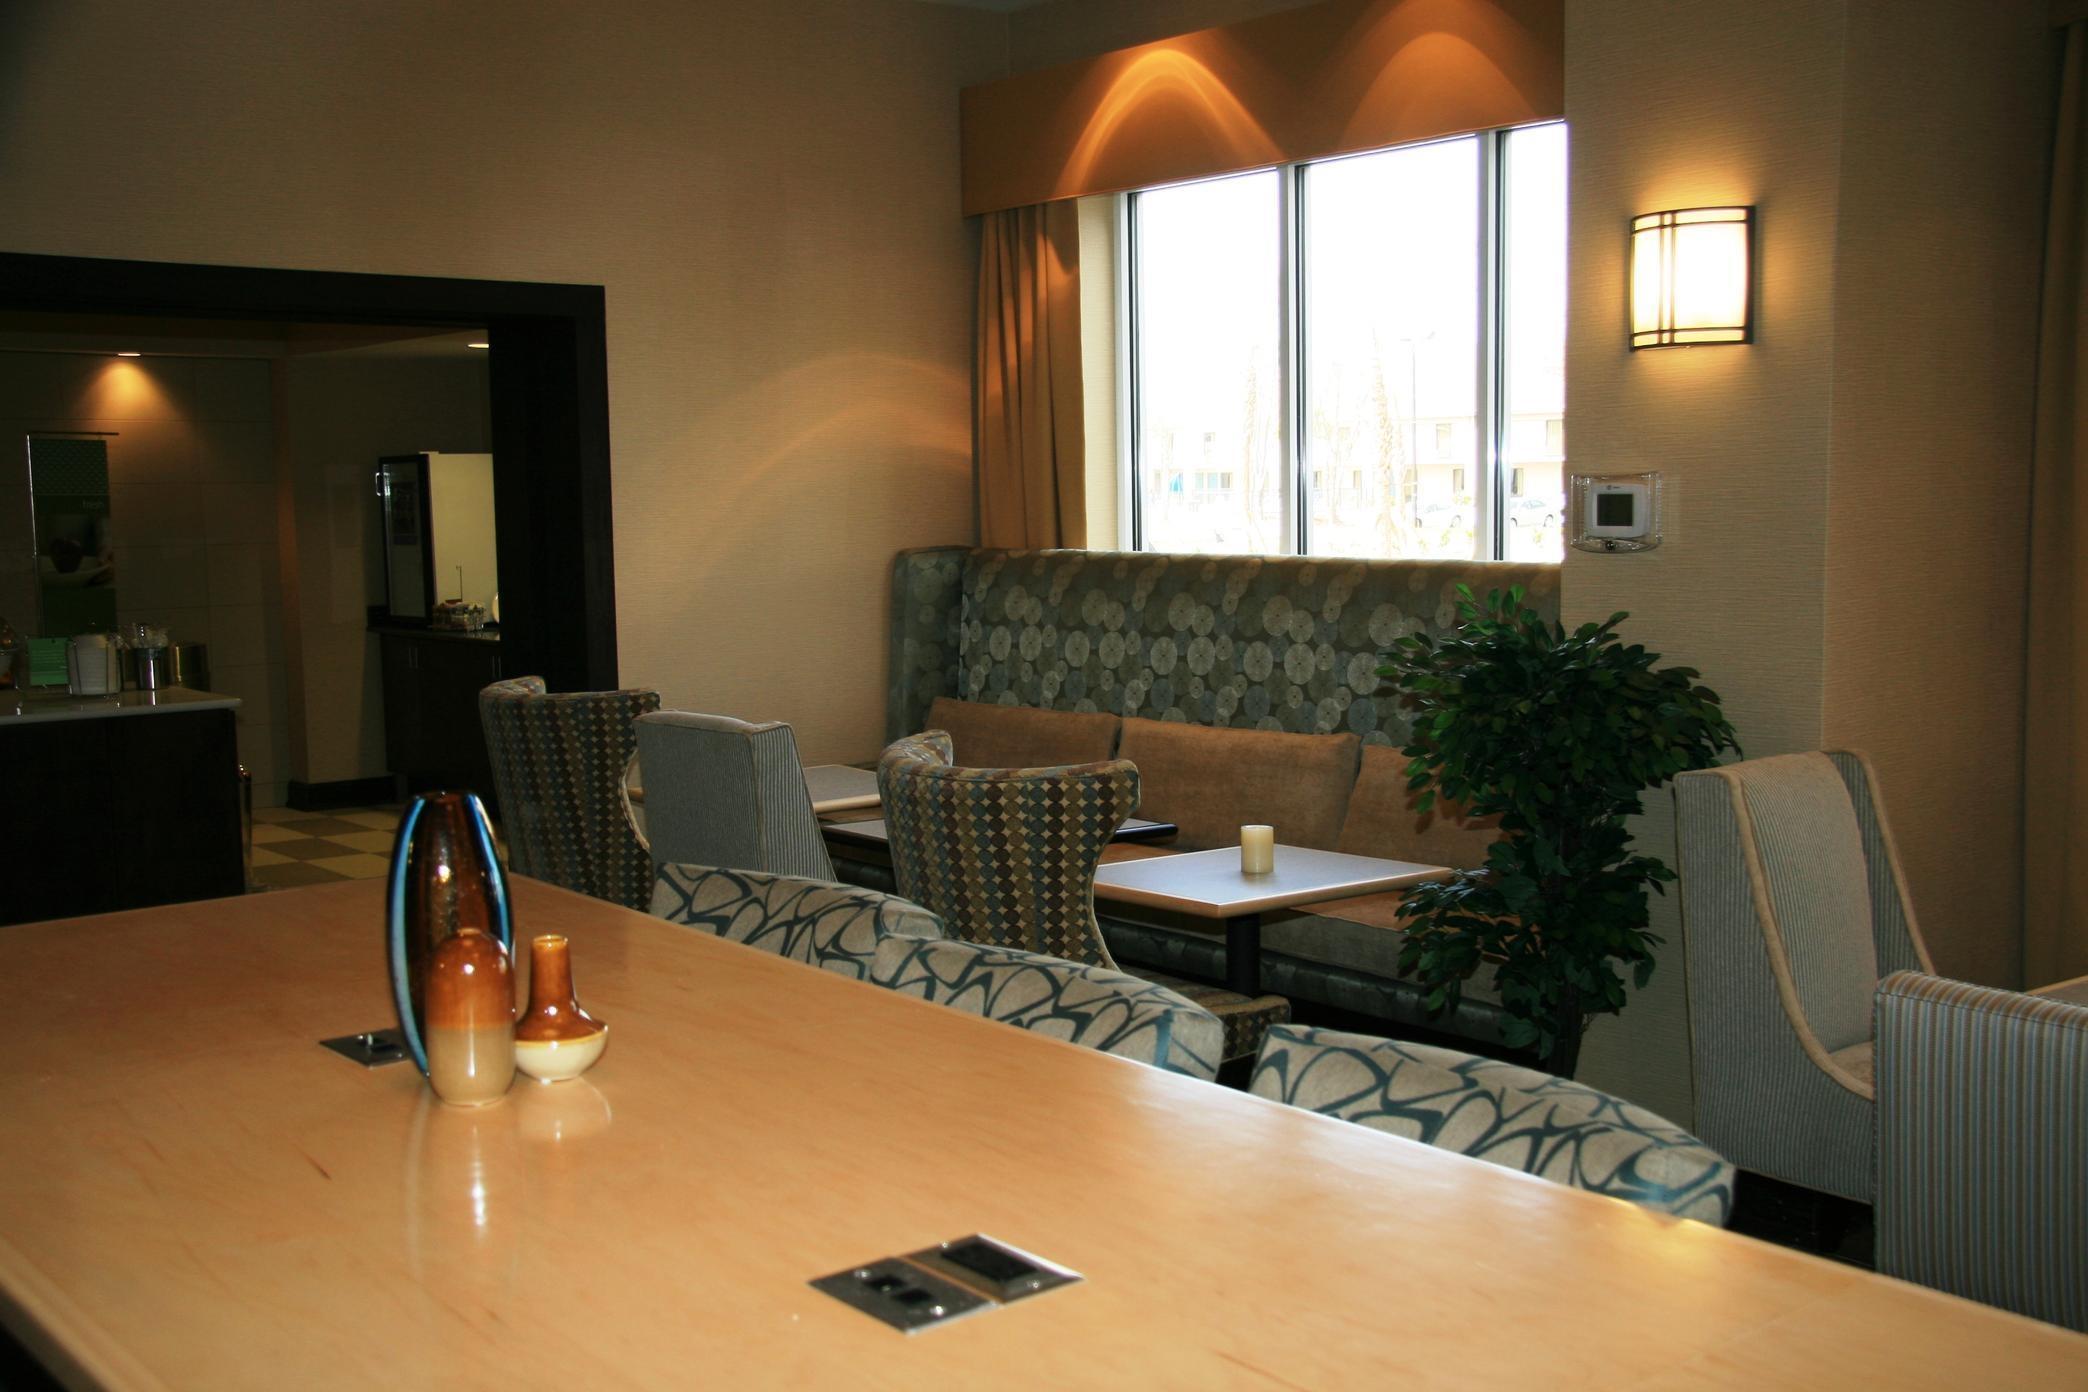 Hampton Inn & Suites Brunswick image 0